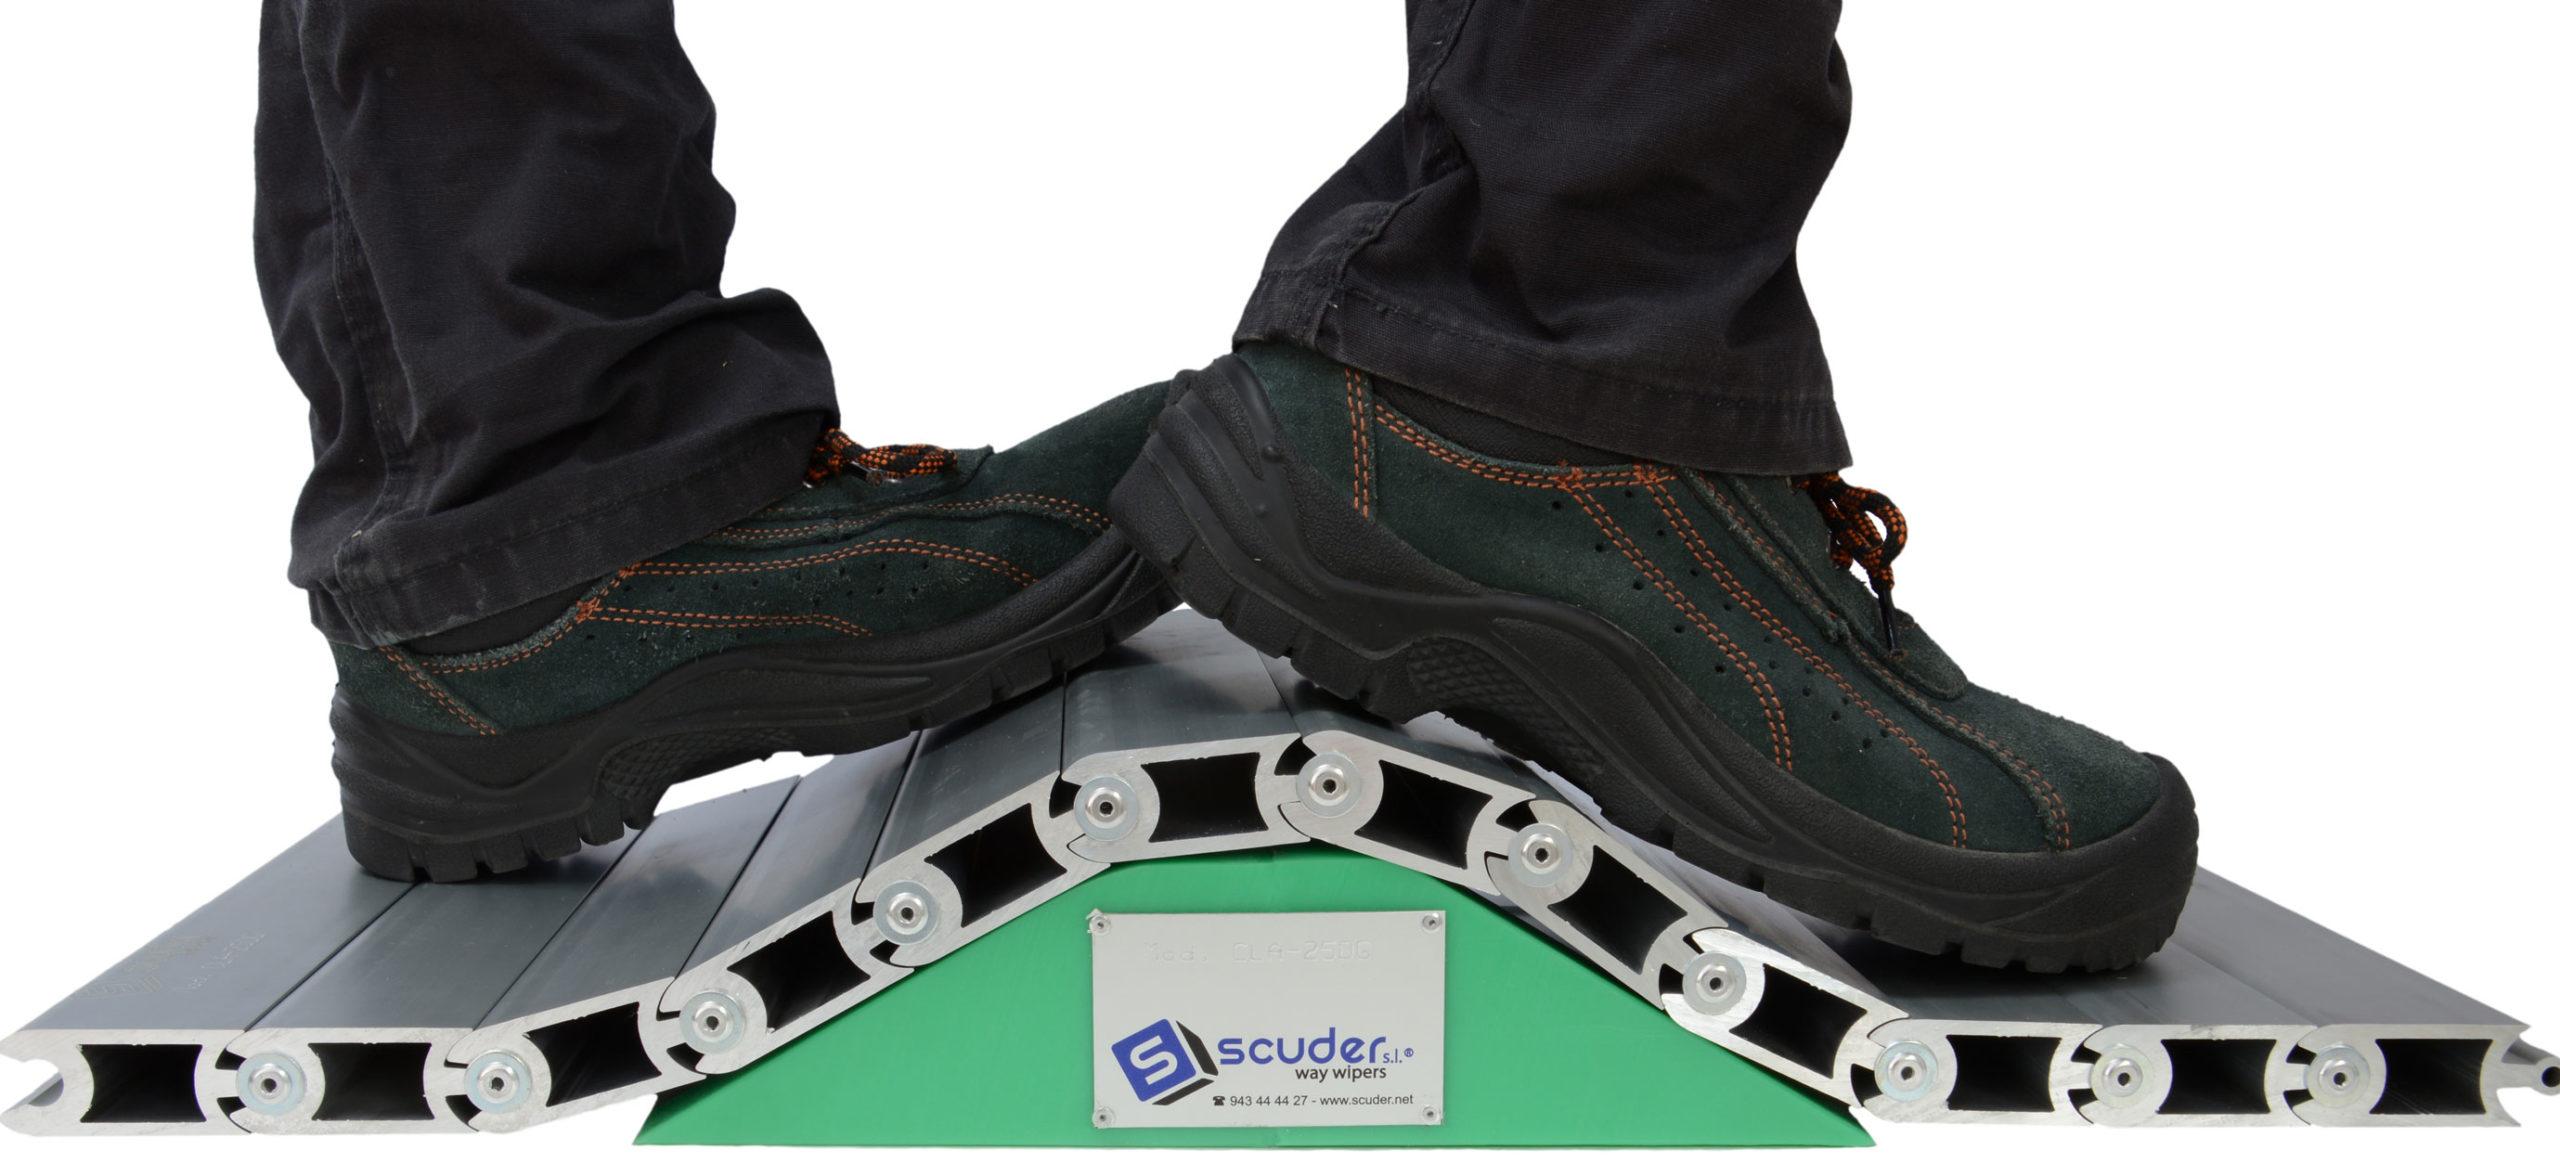 Persiana de protección para maquinaria pisable cubre-fosos doble giro